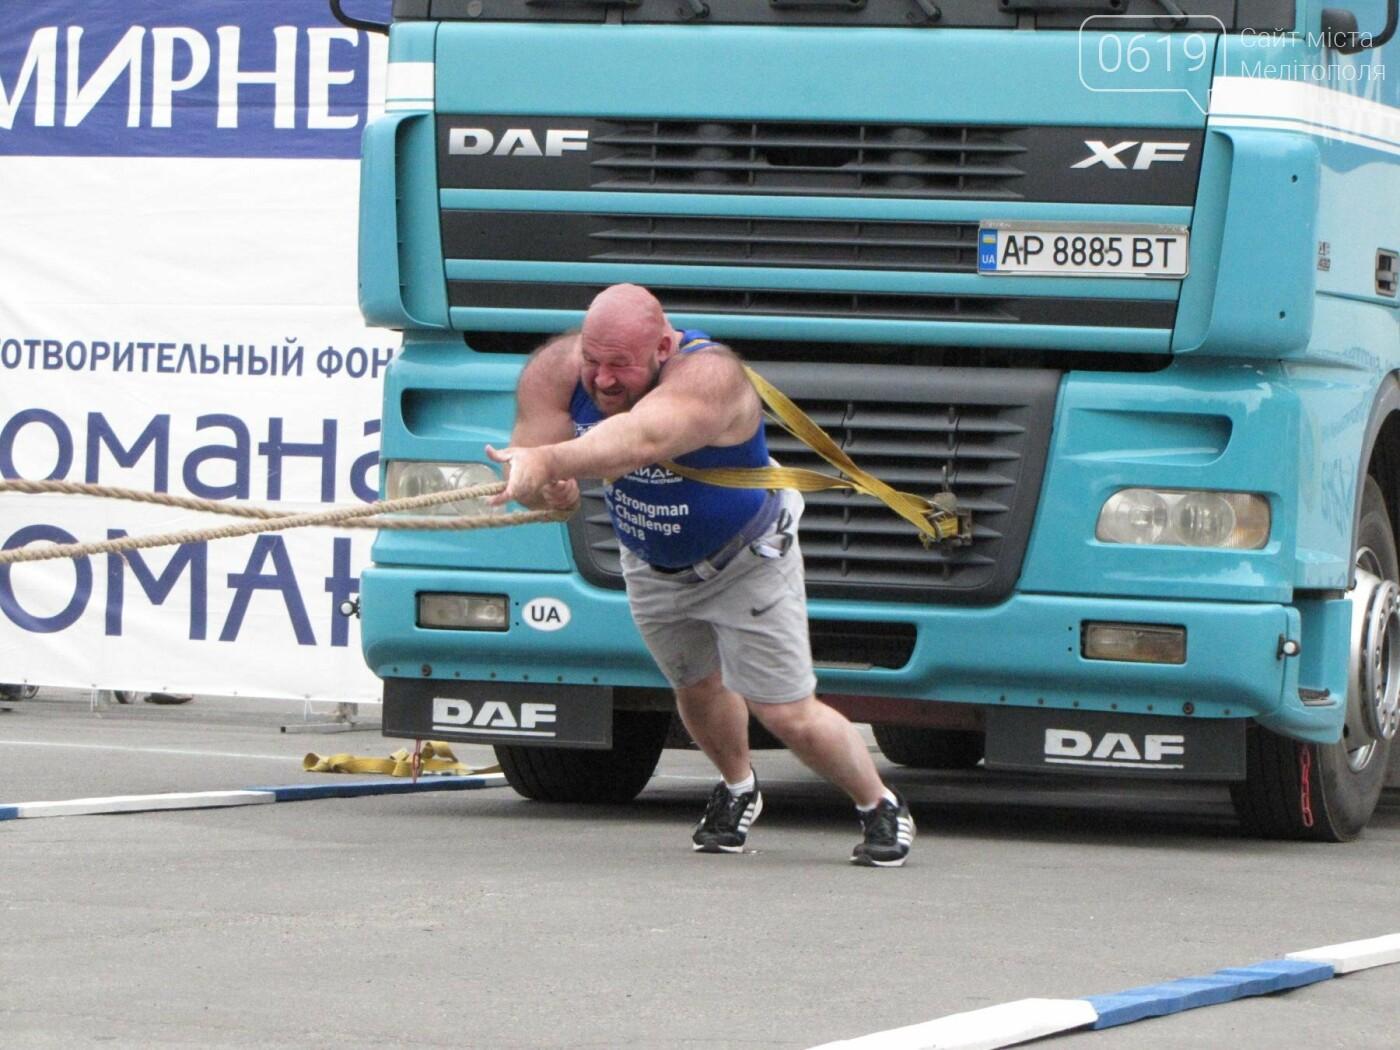 Три победы за неделю: мелитопольский богатырь выиграл второй этап международного чемпионата, фото-10